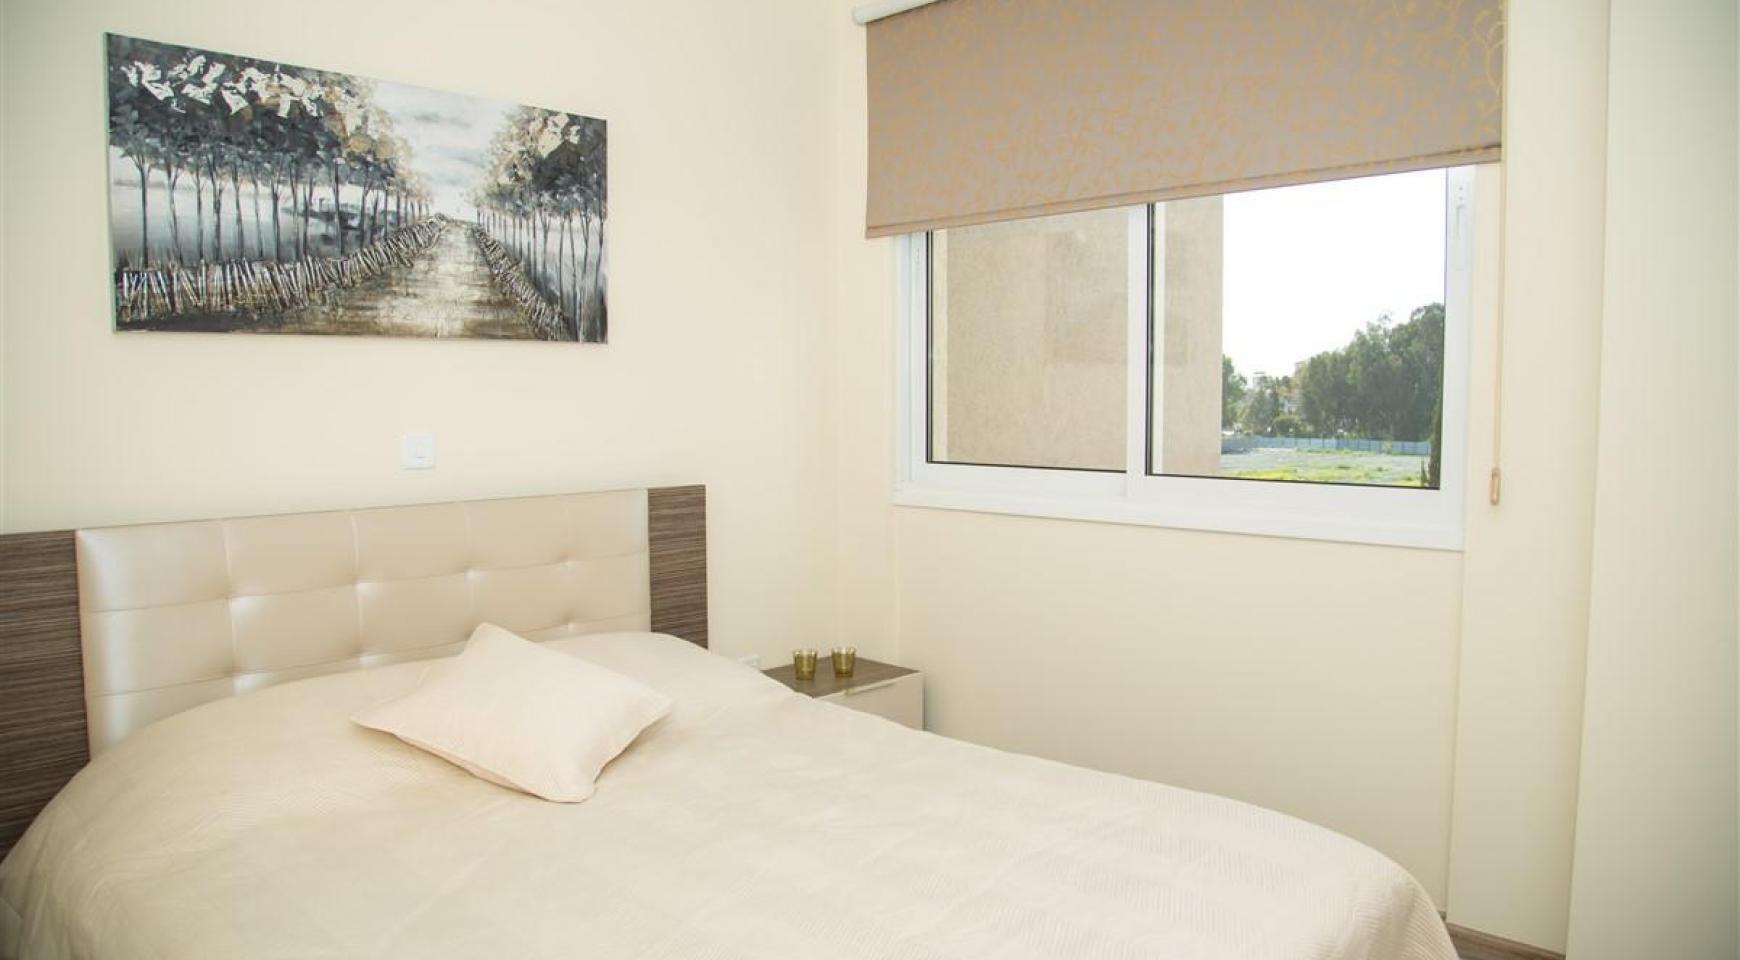 Μοντέρνο διαμέρισμα 2 υπνοδωματίων στην περιοχή Ποταμός Γερμασόγειας - 10